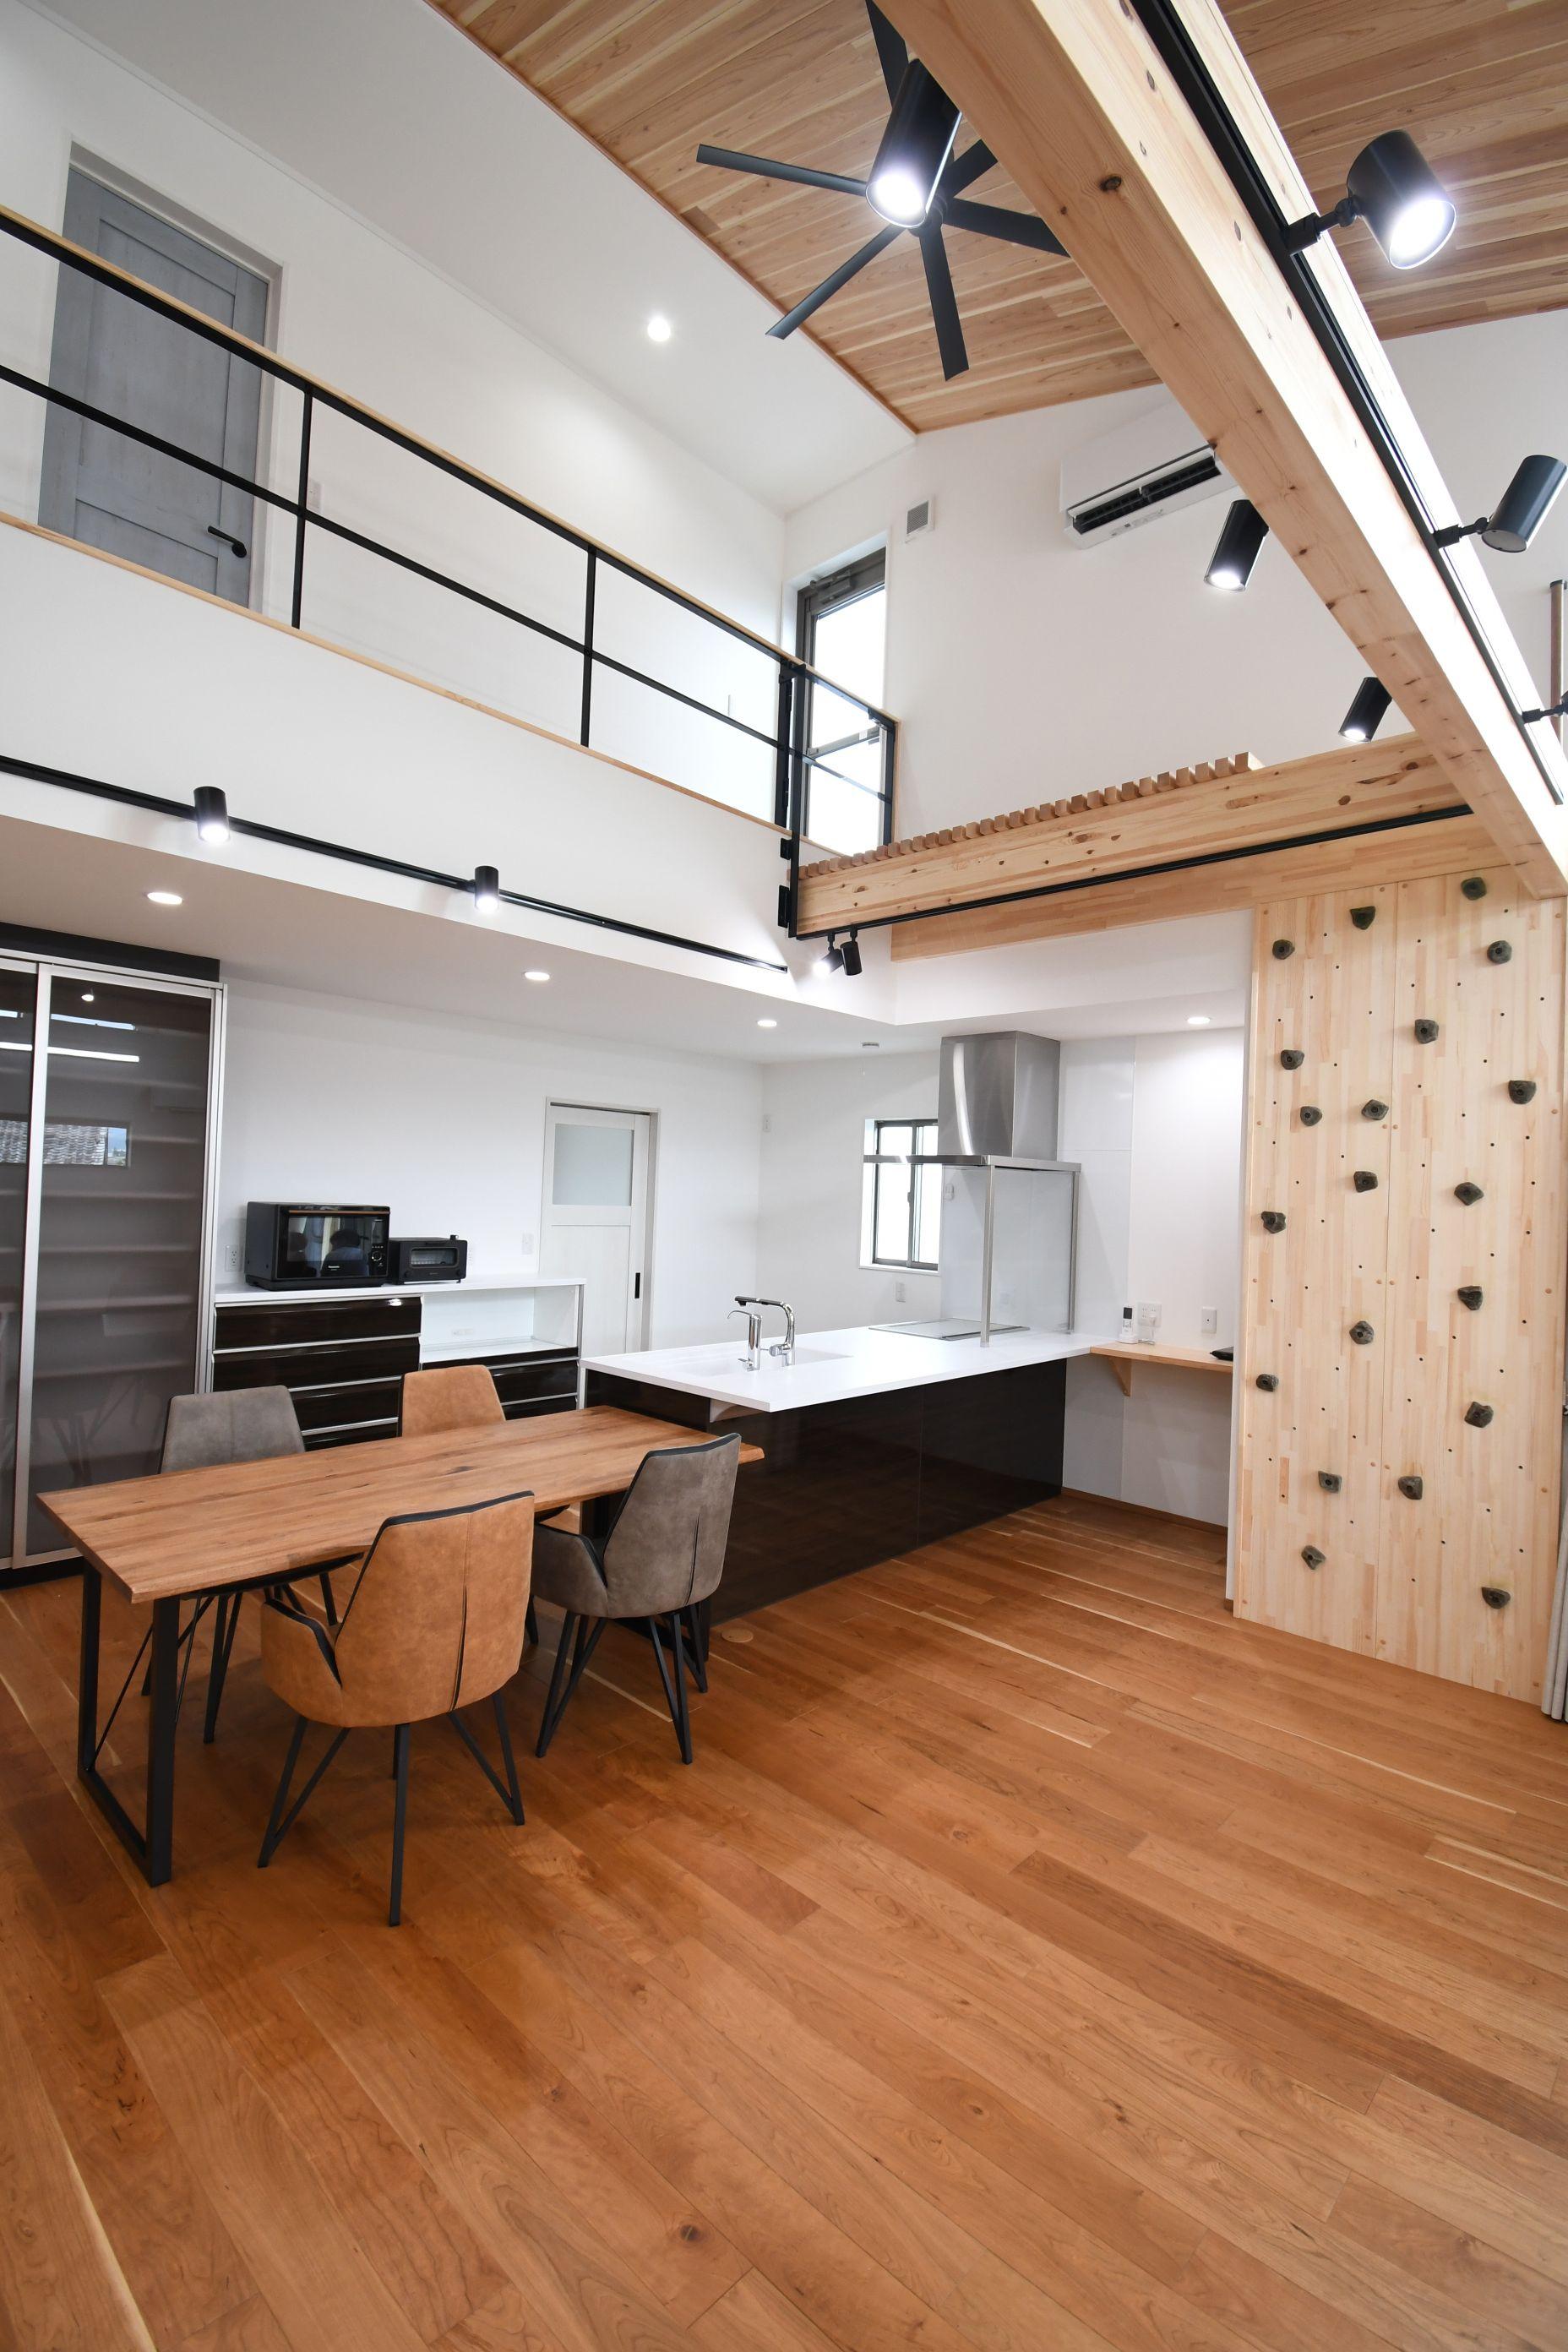 丸七建設興業【デザイン住宅、高級住宅、間取り】使い勝手の良いキッチン